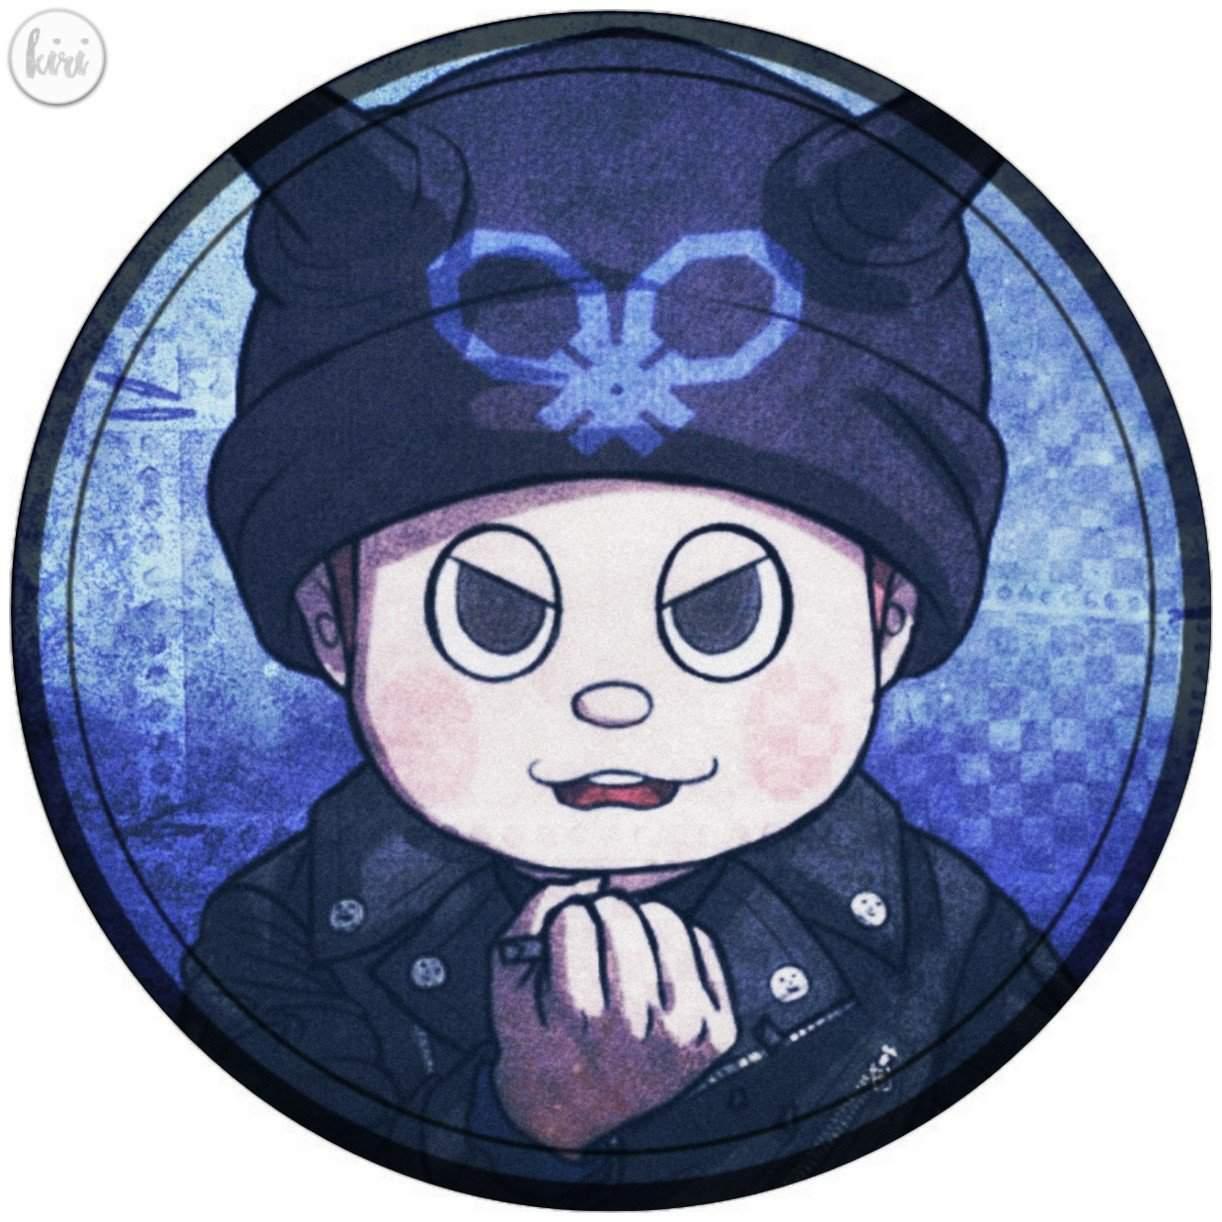 Ryoma Hoshi Edit Set Danganronpa Amino #danganronpa #danganronpa v3 #drv3 #ndrv3 #kaede akamatsu #rantaro amami #shuichi saihara #kirumi tojo #ryoma hoshi #himiko yumeno. amino apps